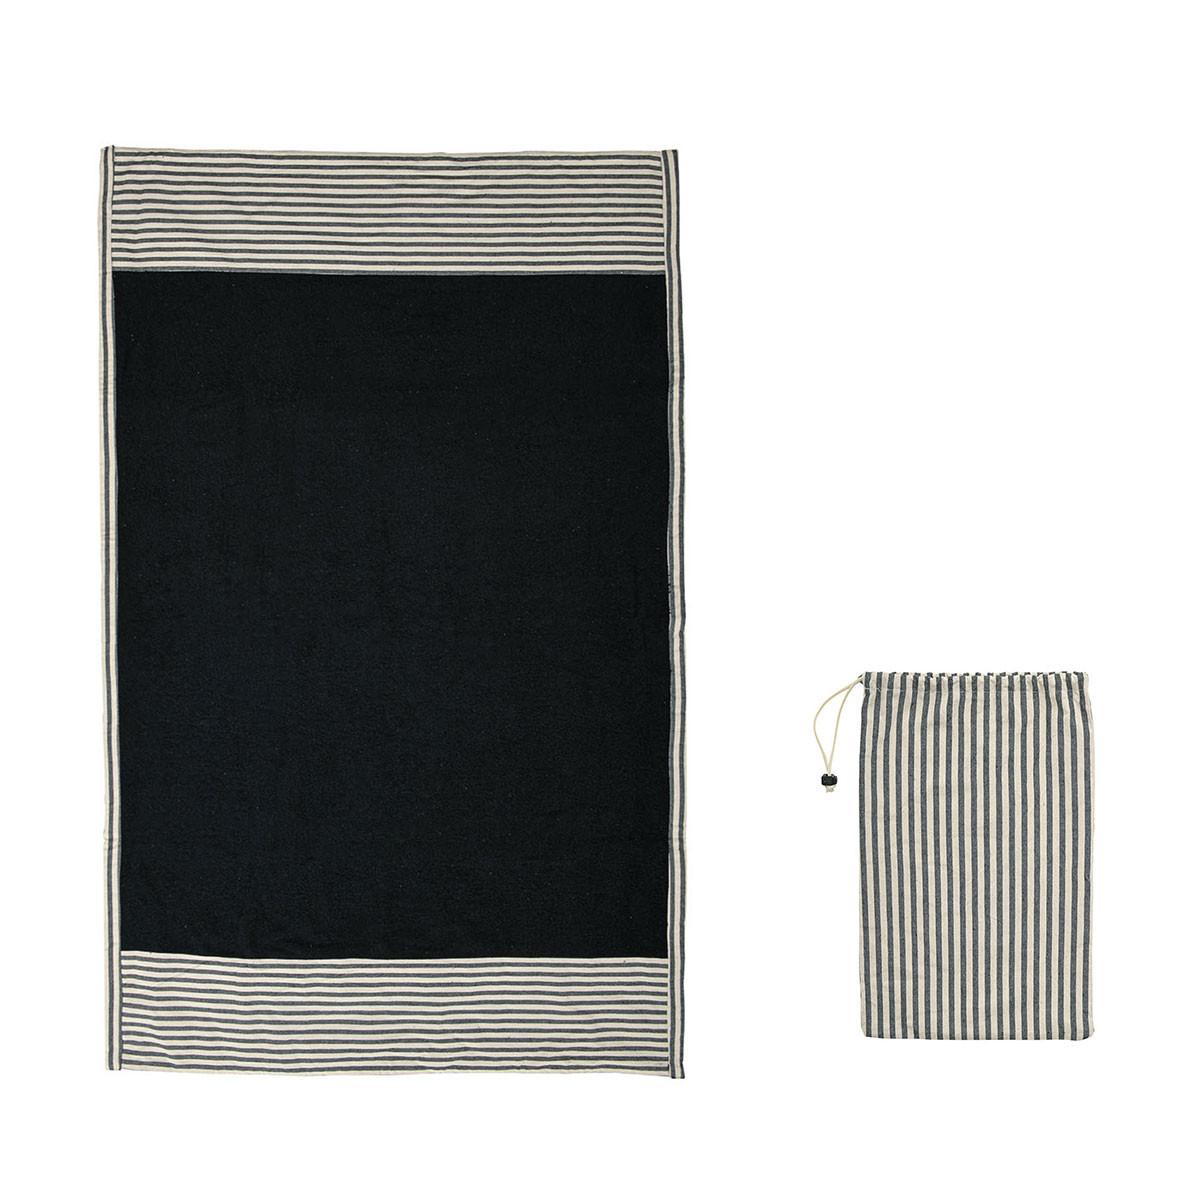 Πετσέτα Θαλάσσης White Fabric Black Stripe